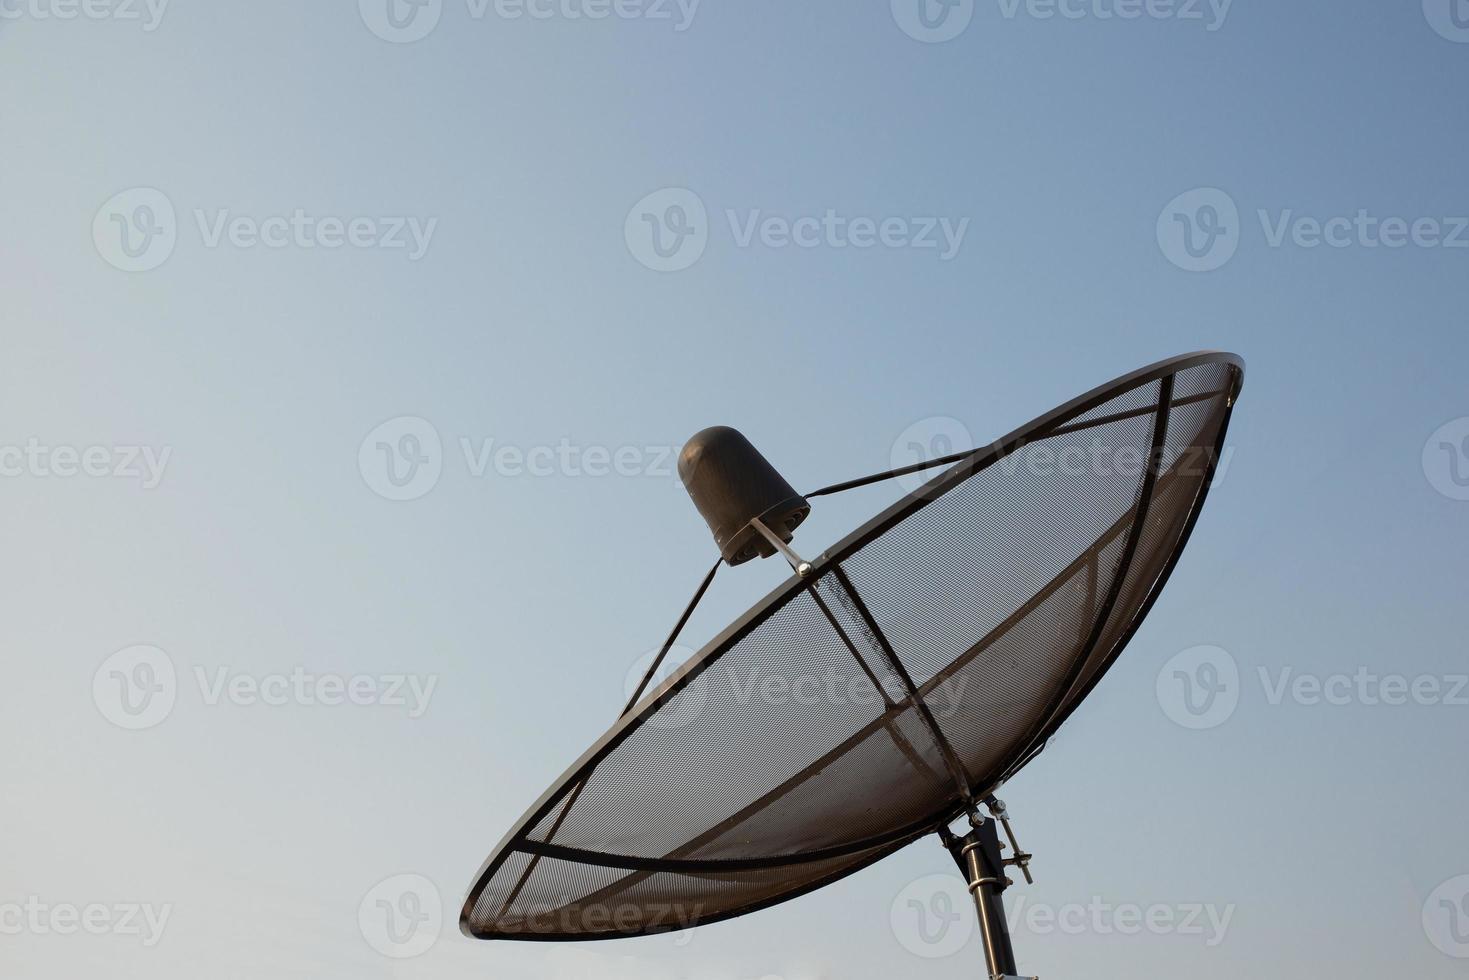 stor svart parabolantenn. foto